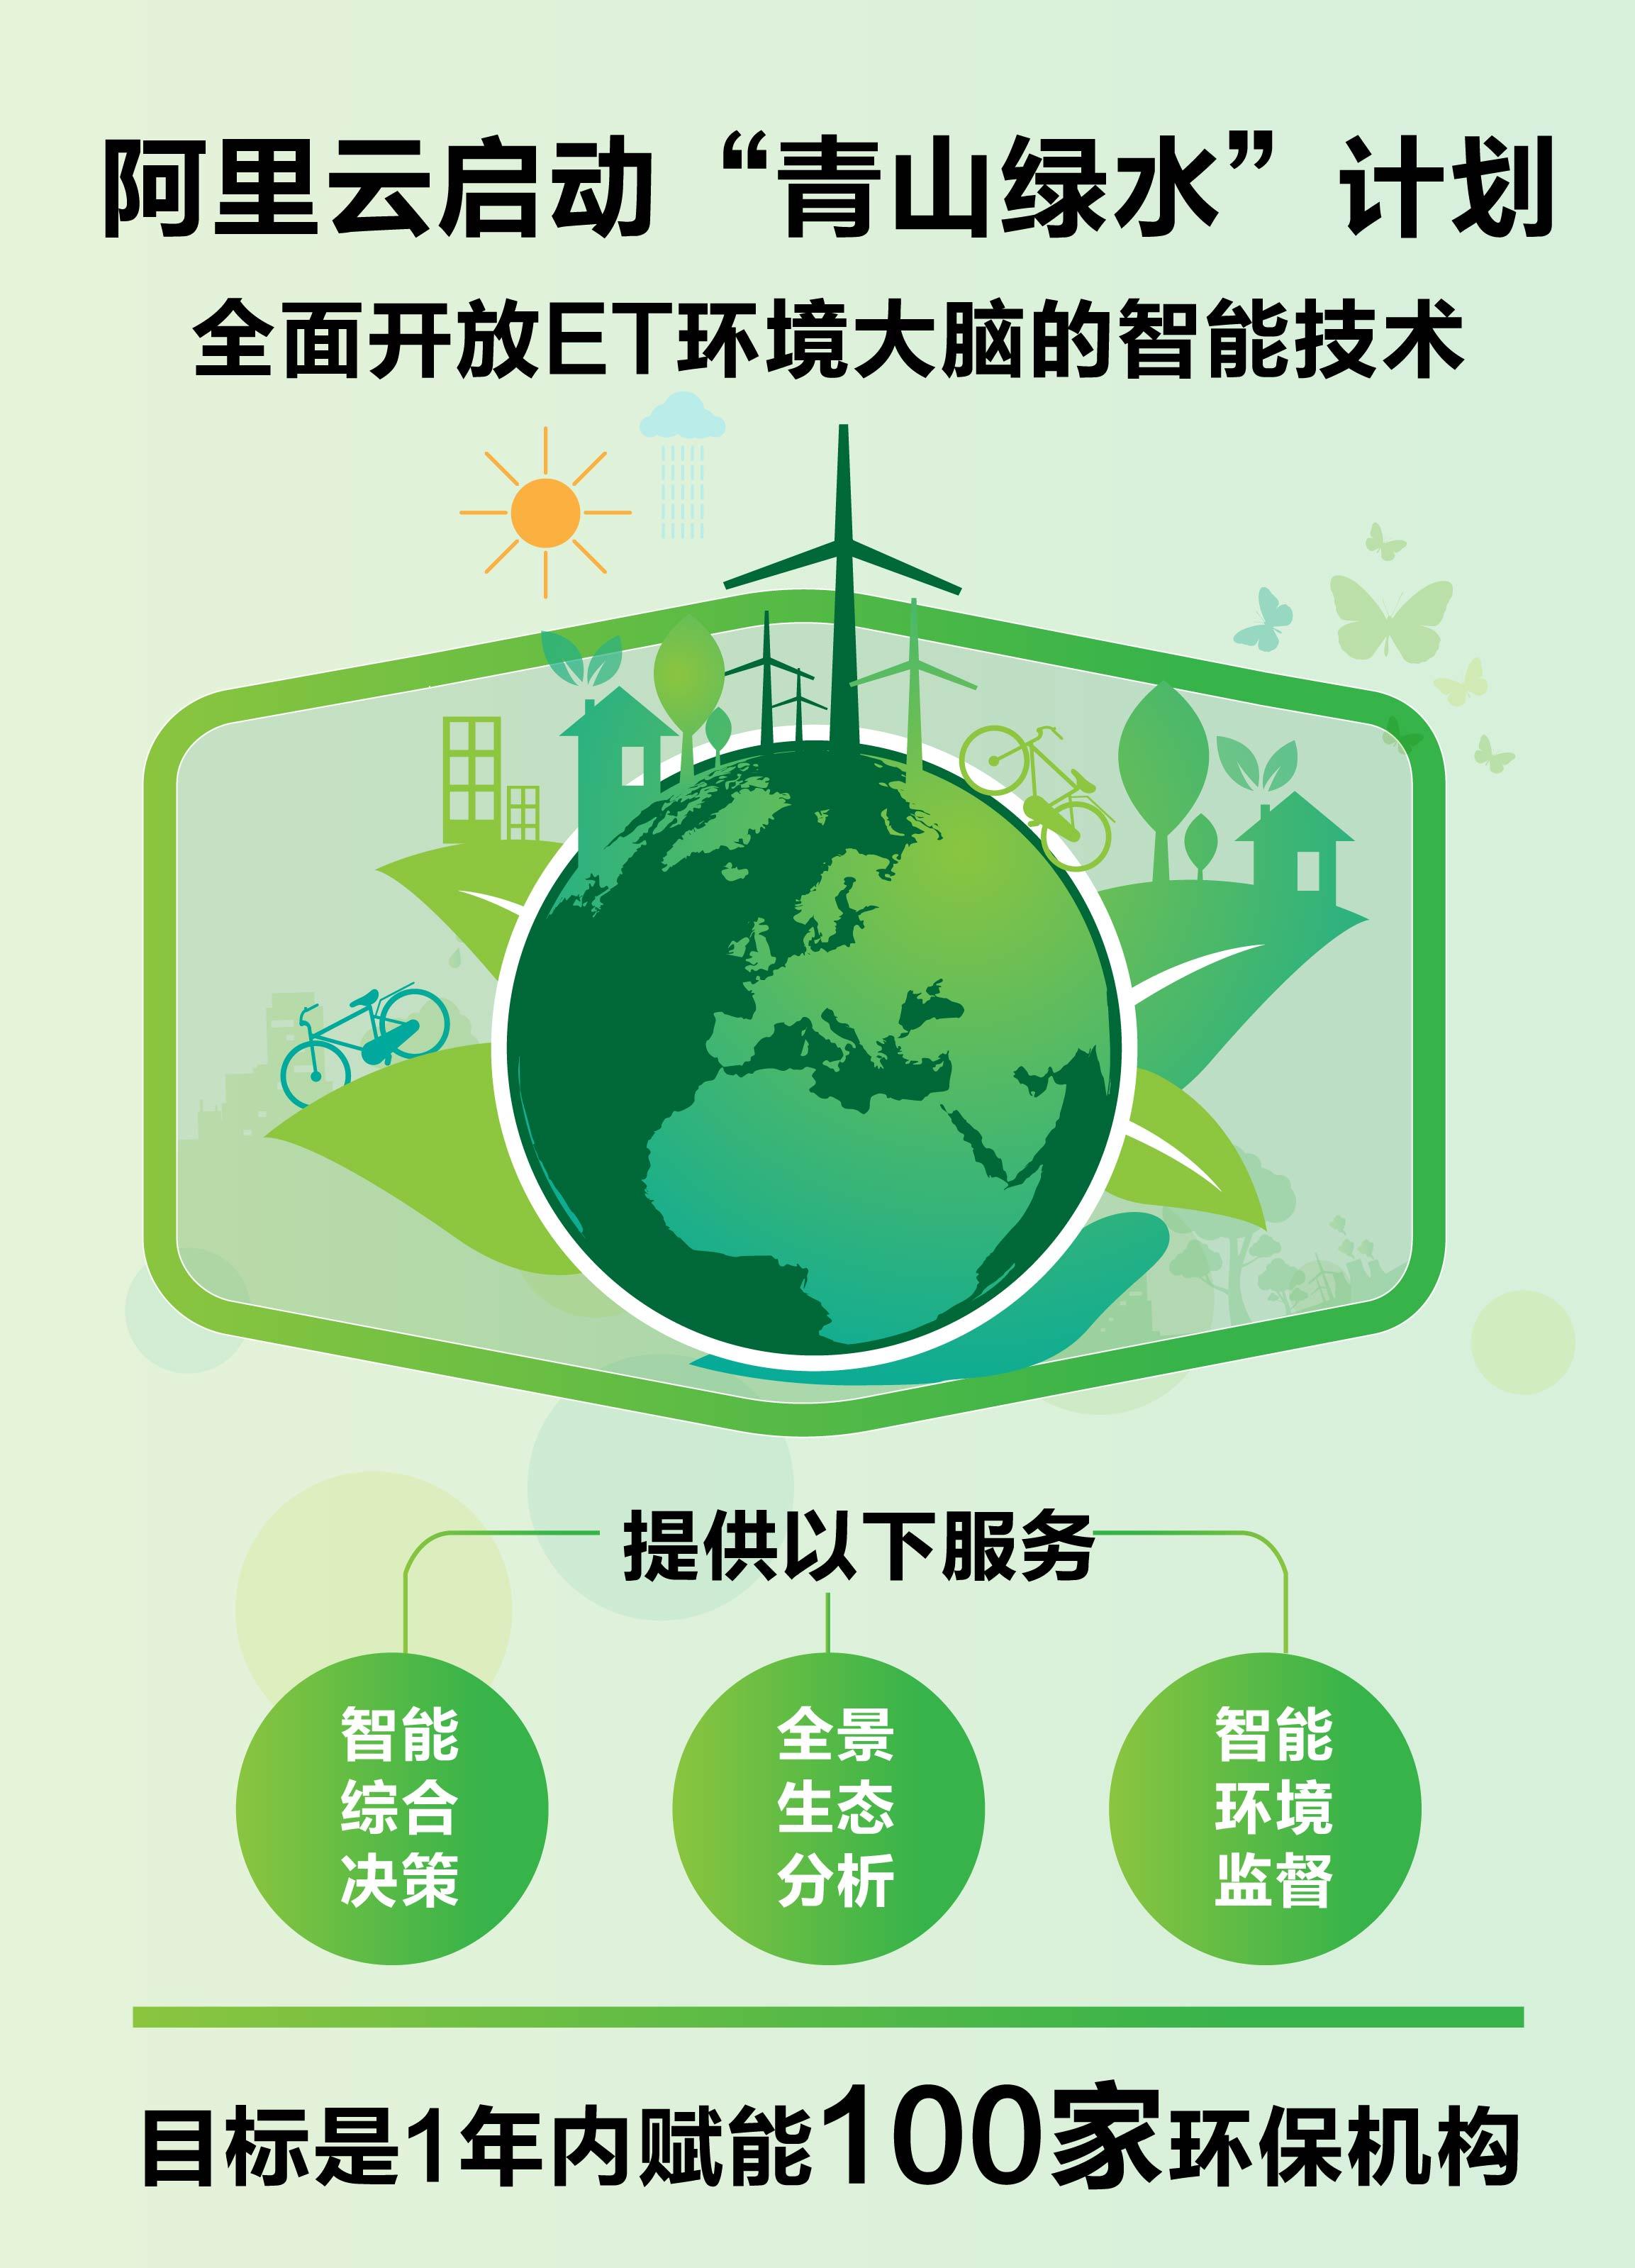 """1年赋能100家环保机构 阿里云推""""青山绿水""""计划"""